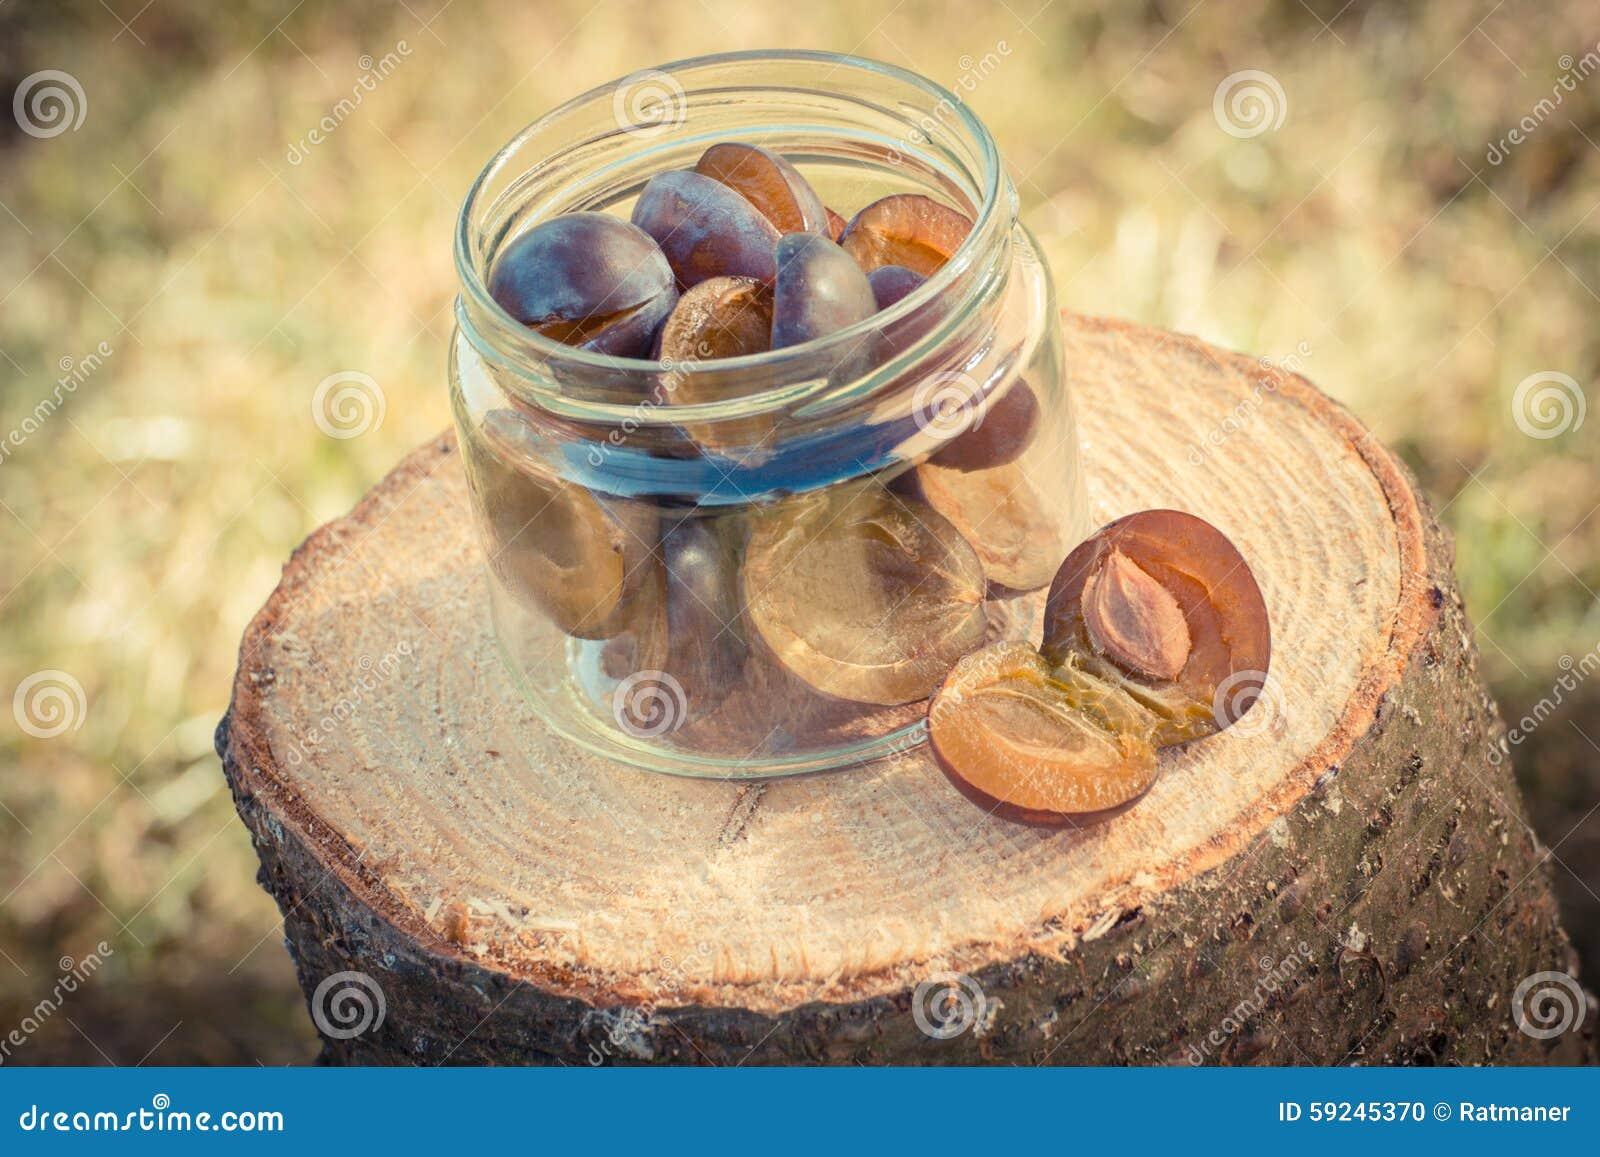 Foto del vintage, ciruelos en el tarro de cristal en tocón de madera en jardín el día soleado